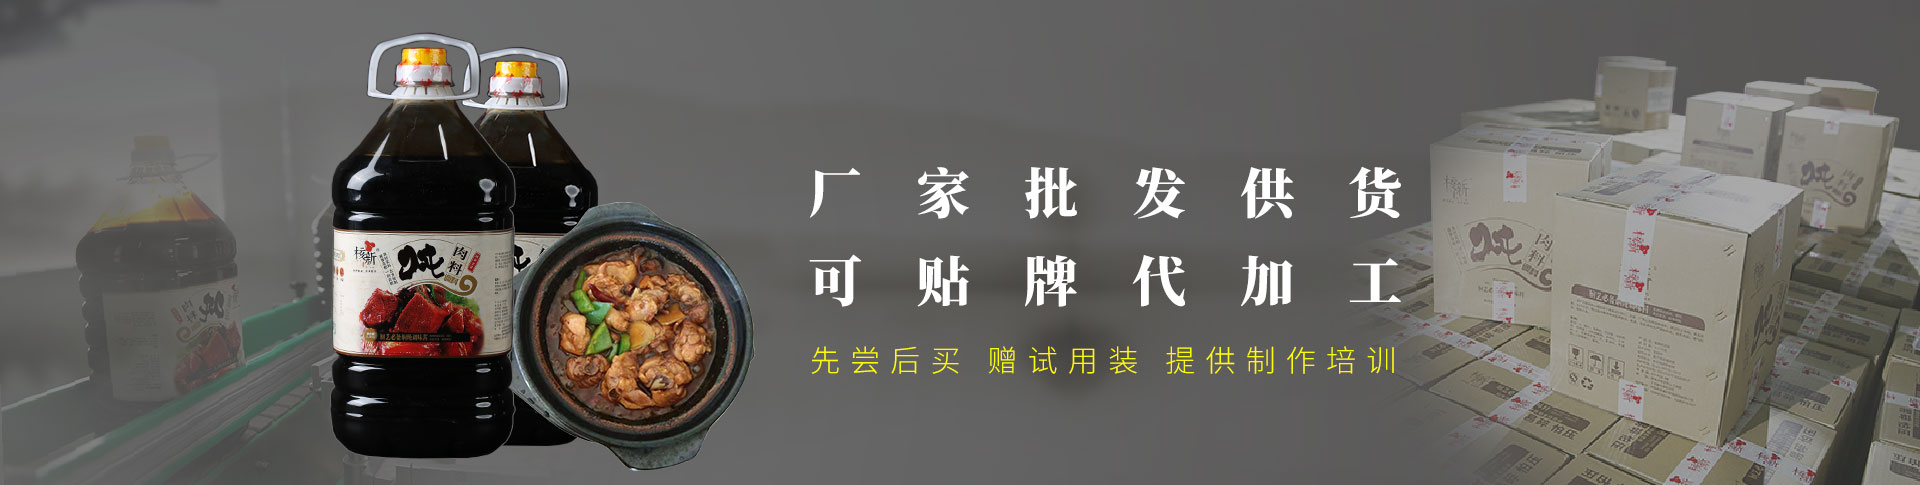 武汉学做黄焖鸡米饭技术